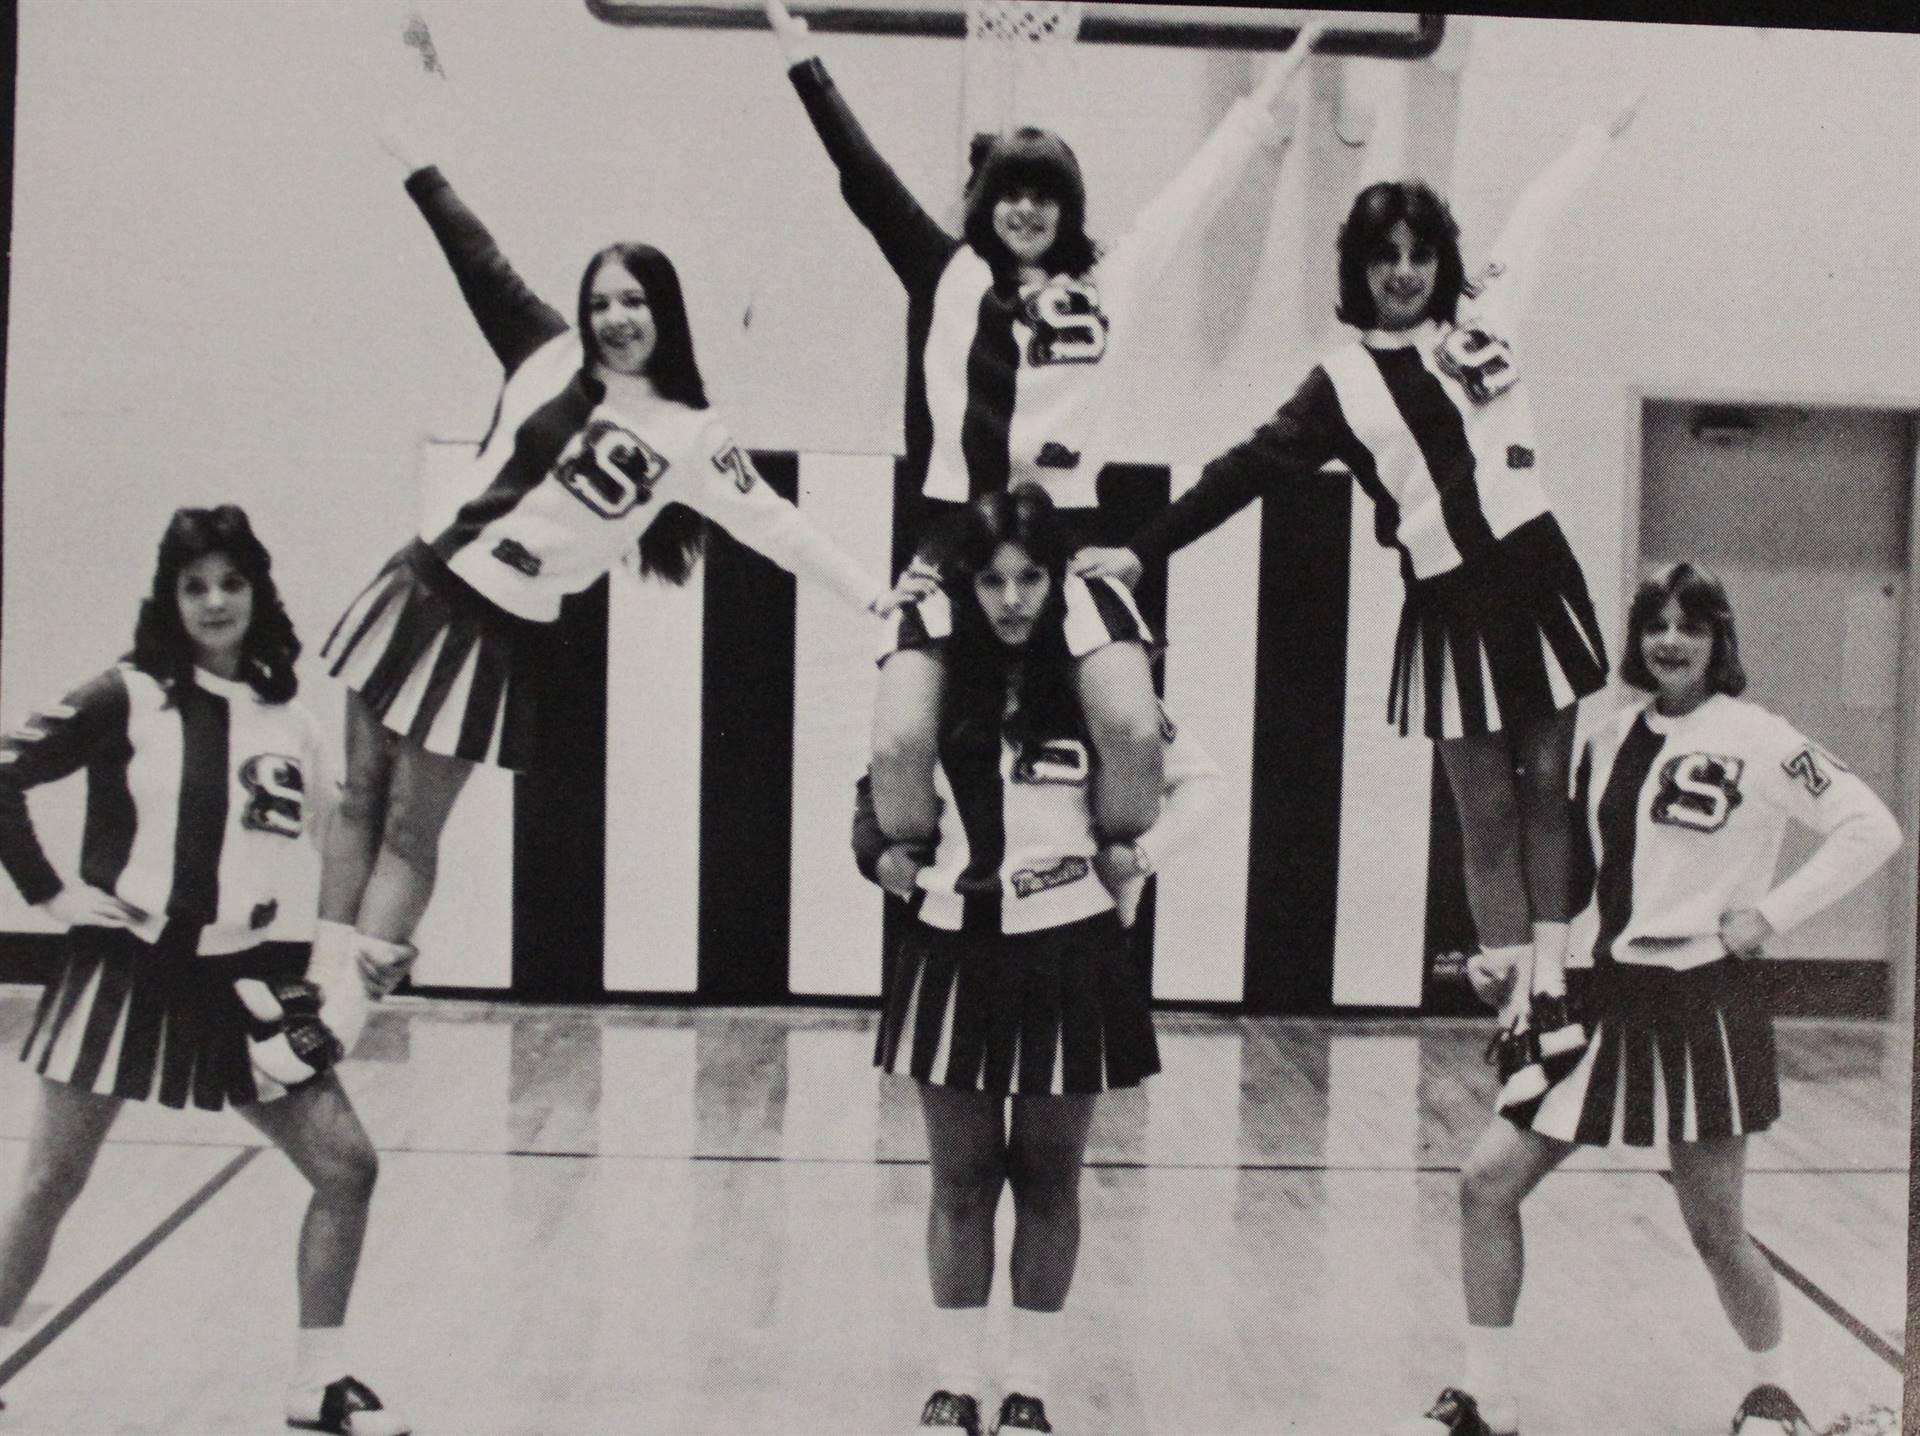 1977 Cheerleaders